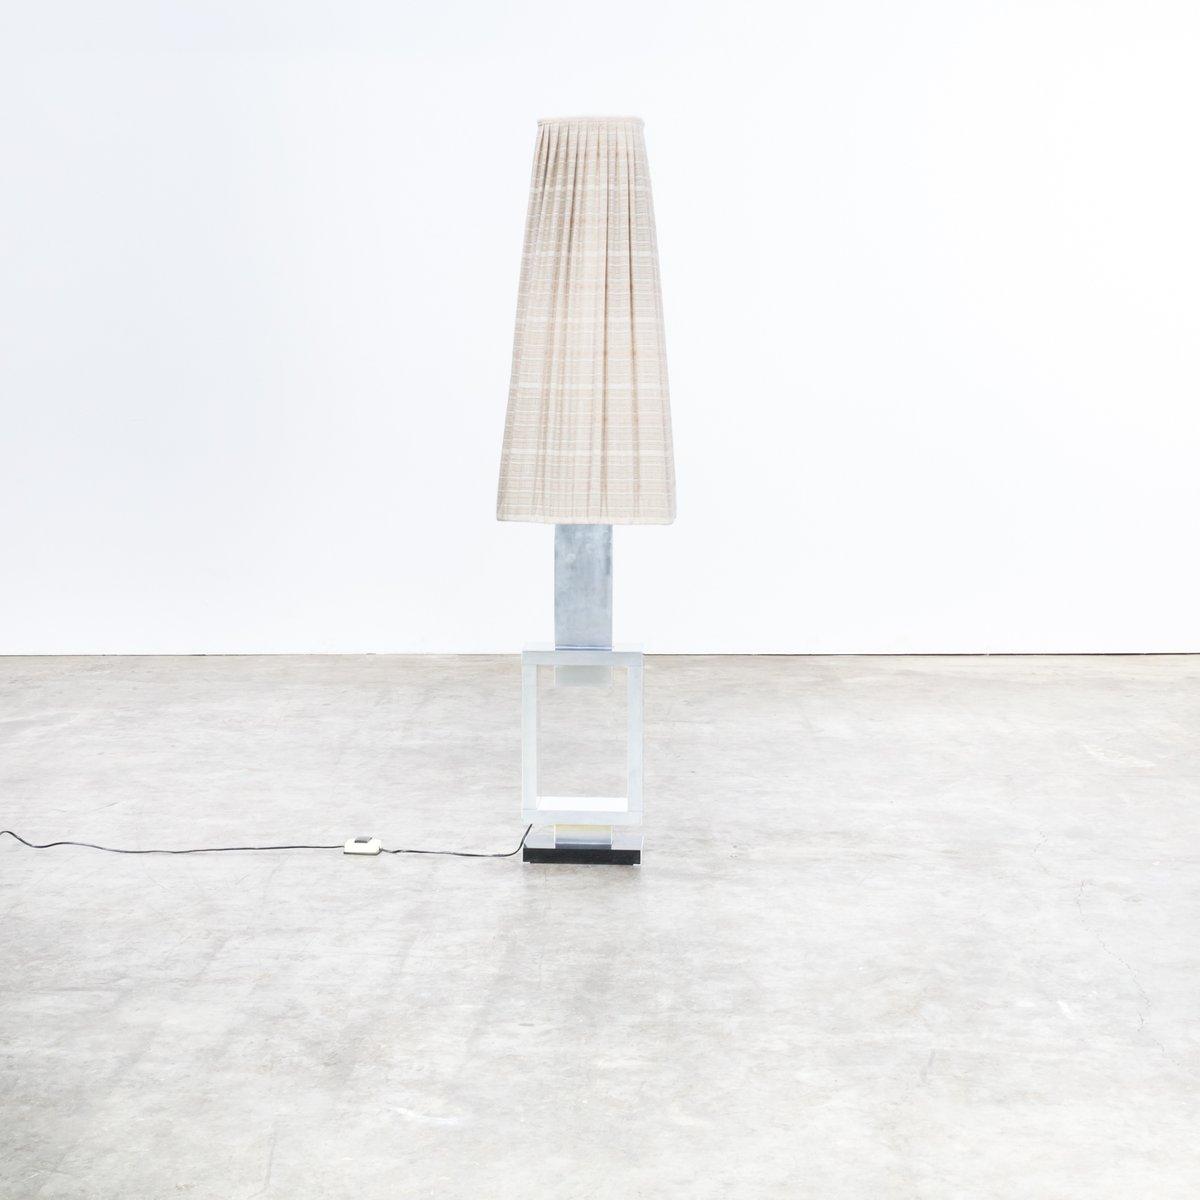 Kunst Stehlampe aus Alumiunium, 1980er